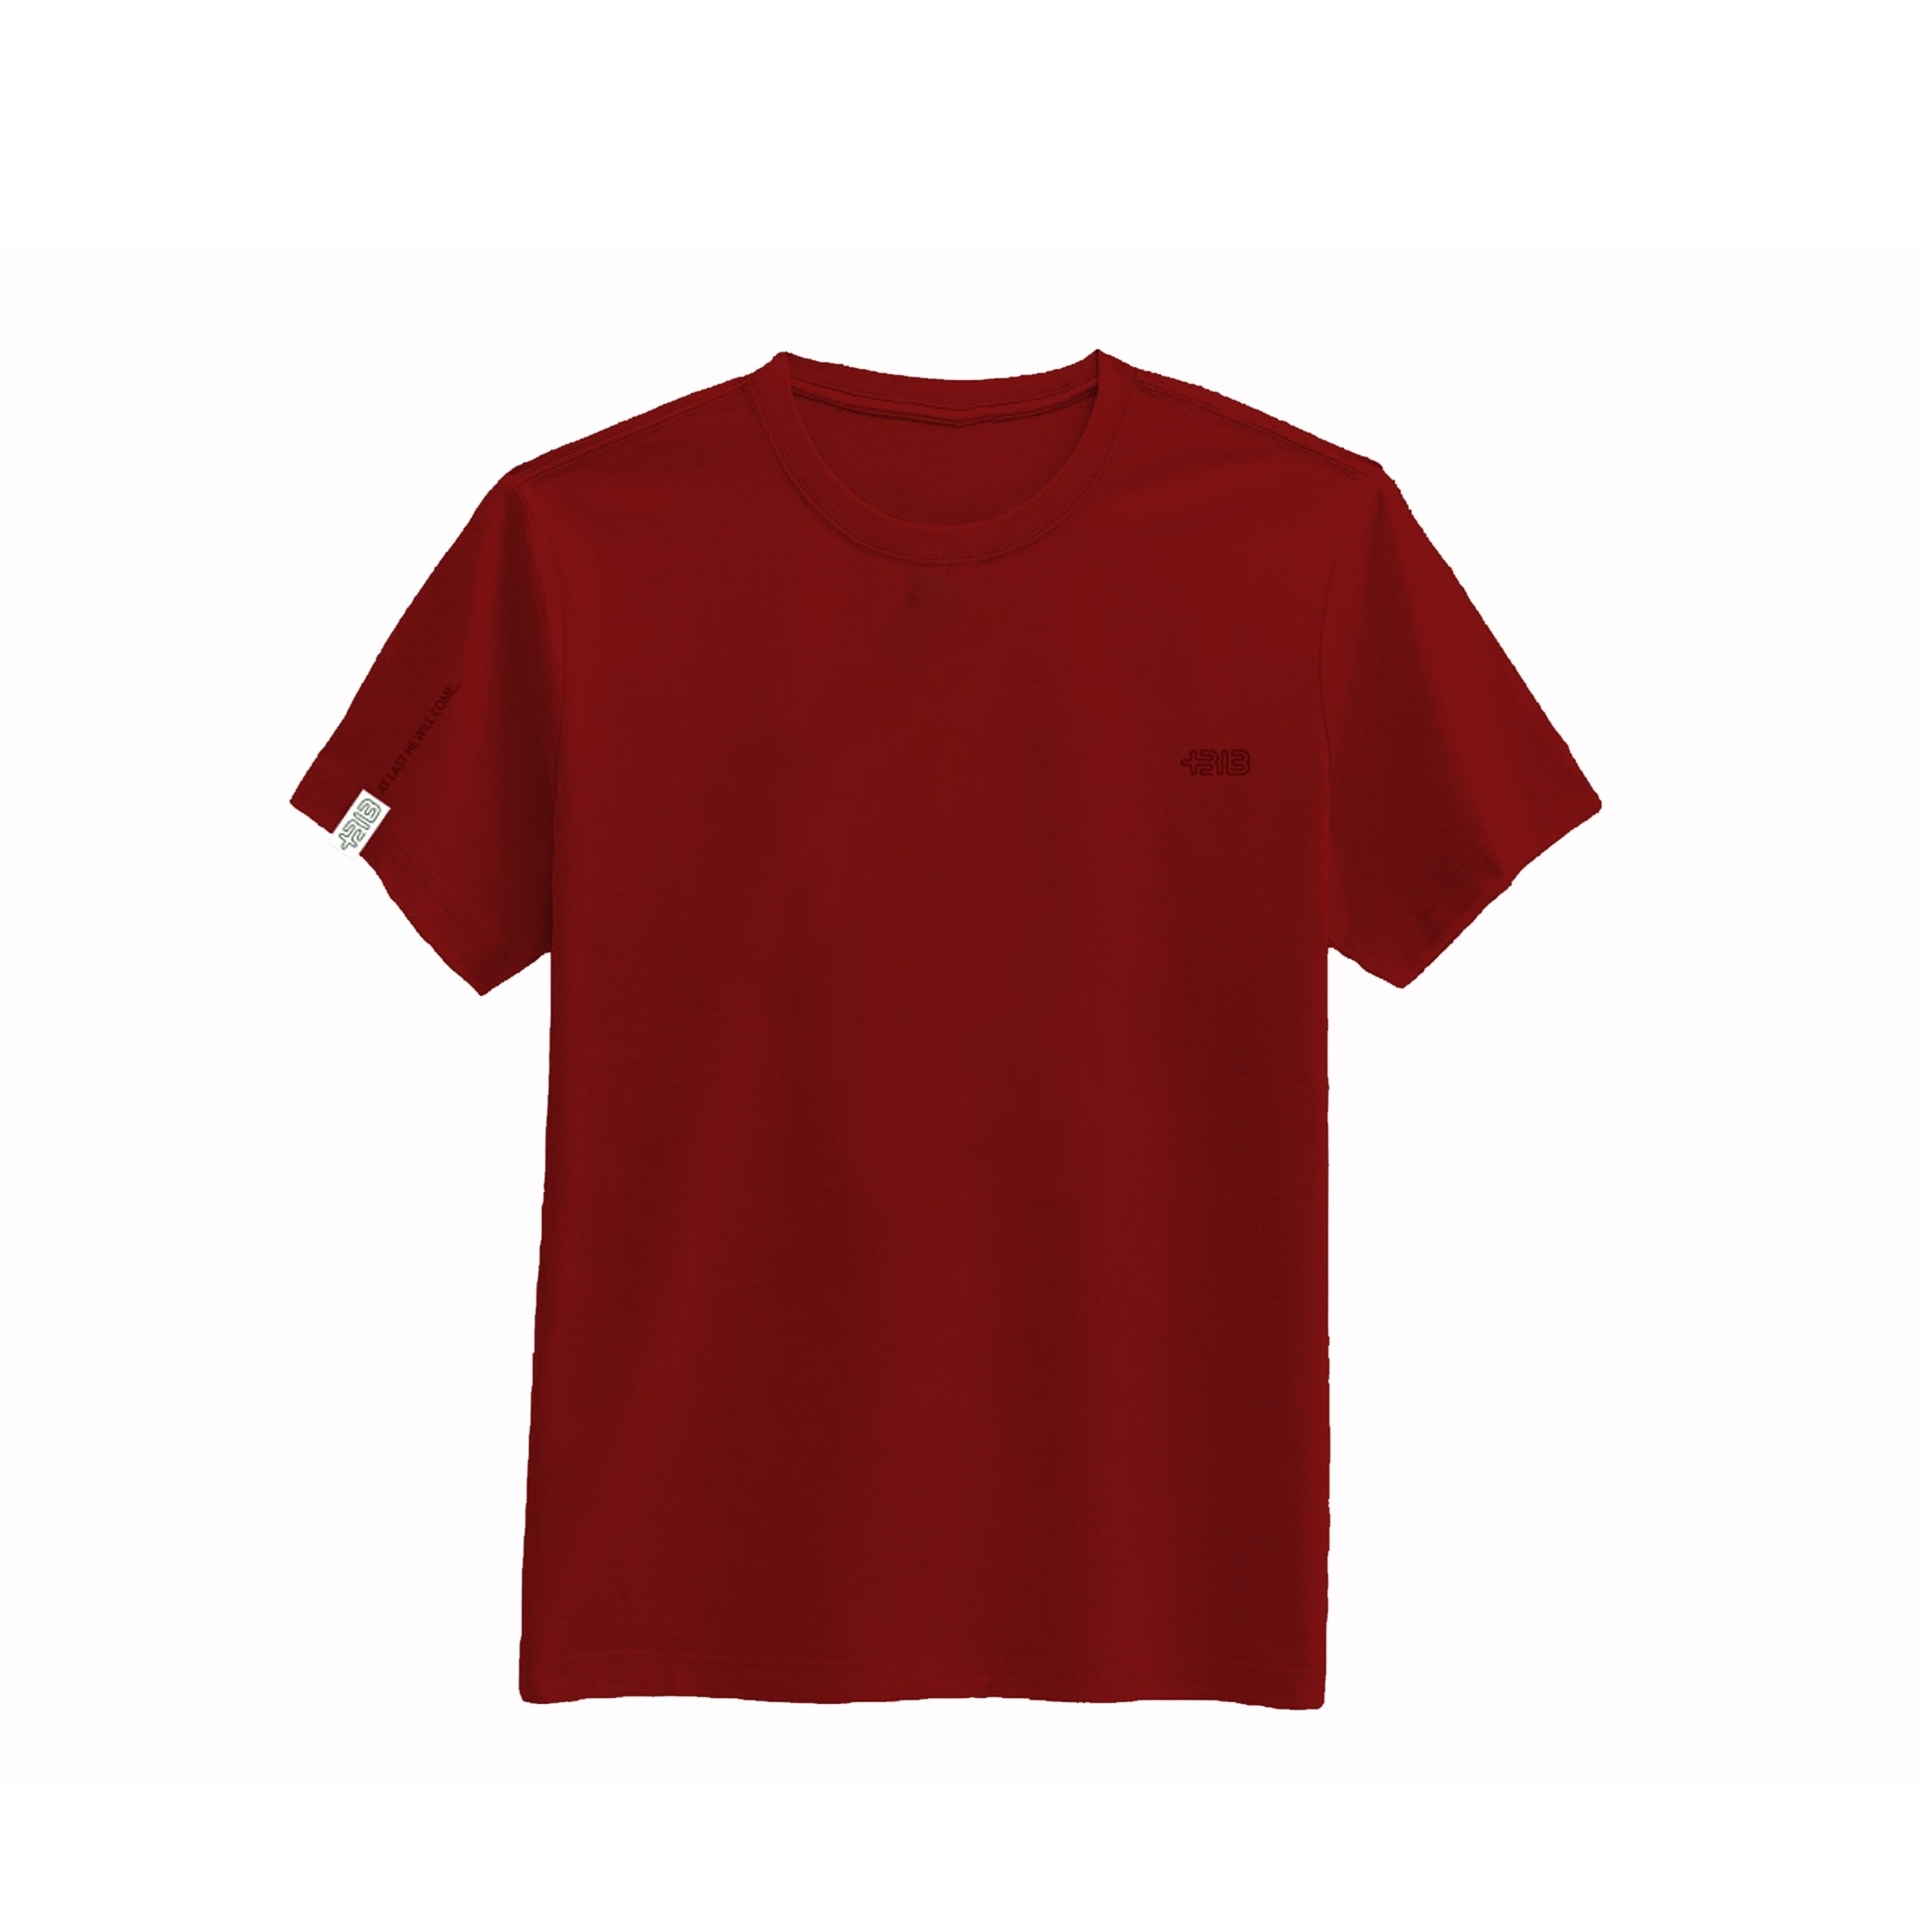 تصویر از تیشرت طرح «٣١٣+» فانریپ تمام پنبه، آستین کوتاه یقه گرد